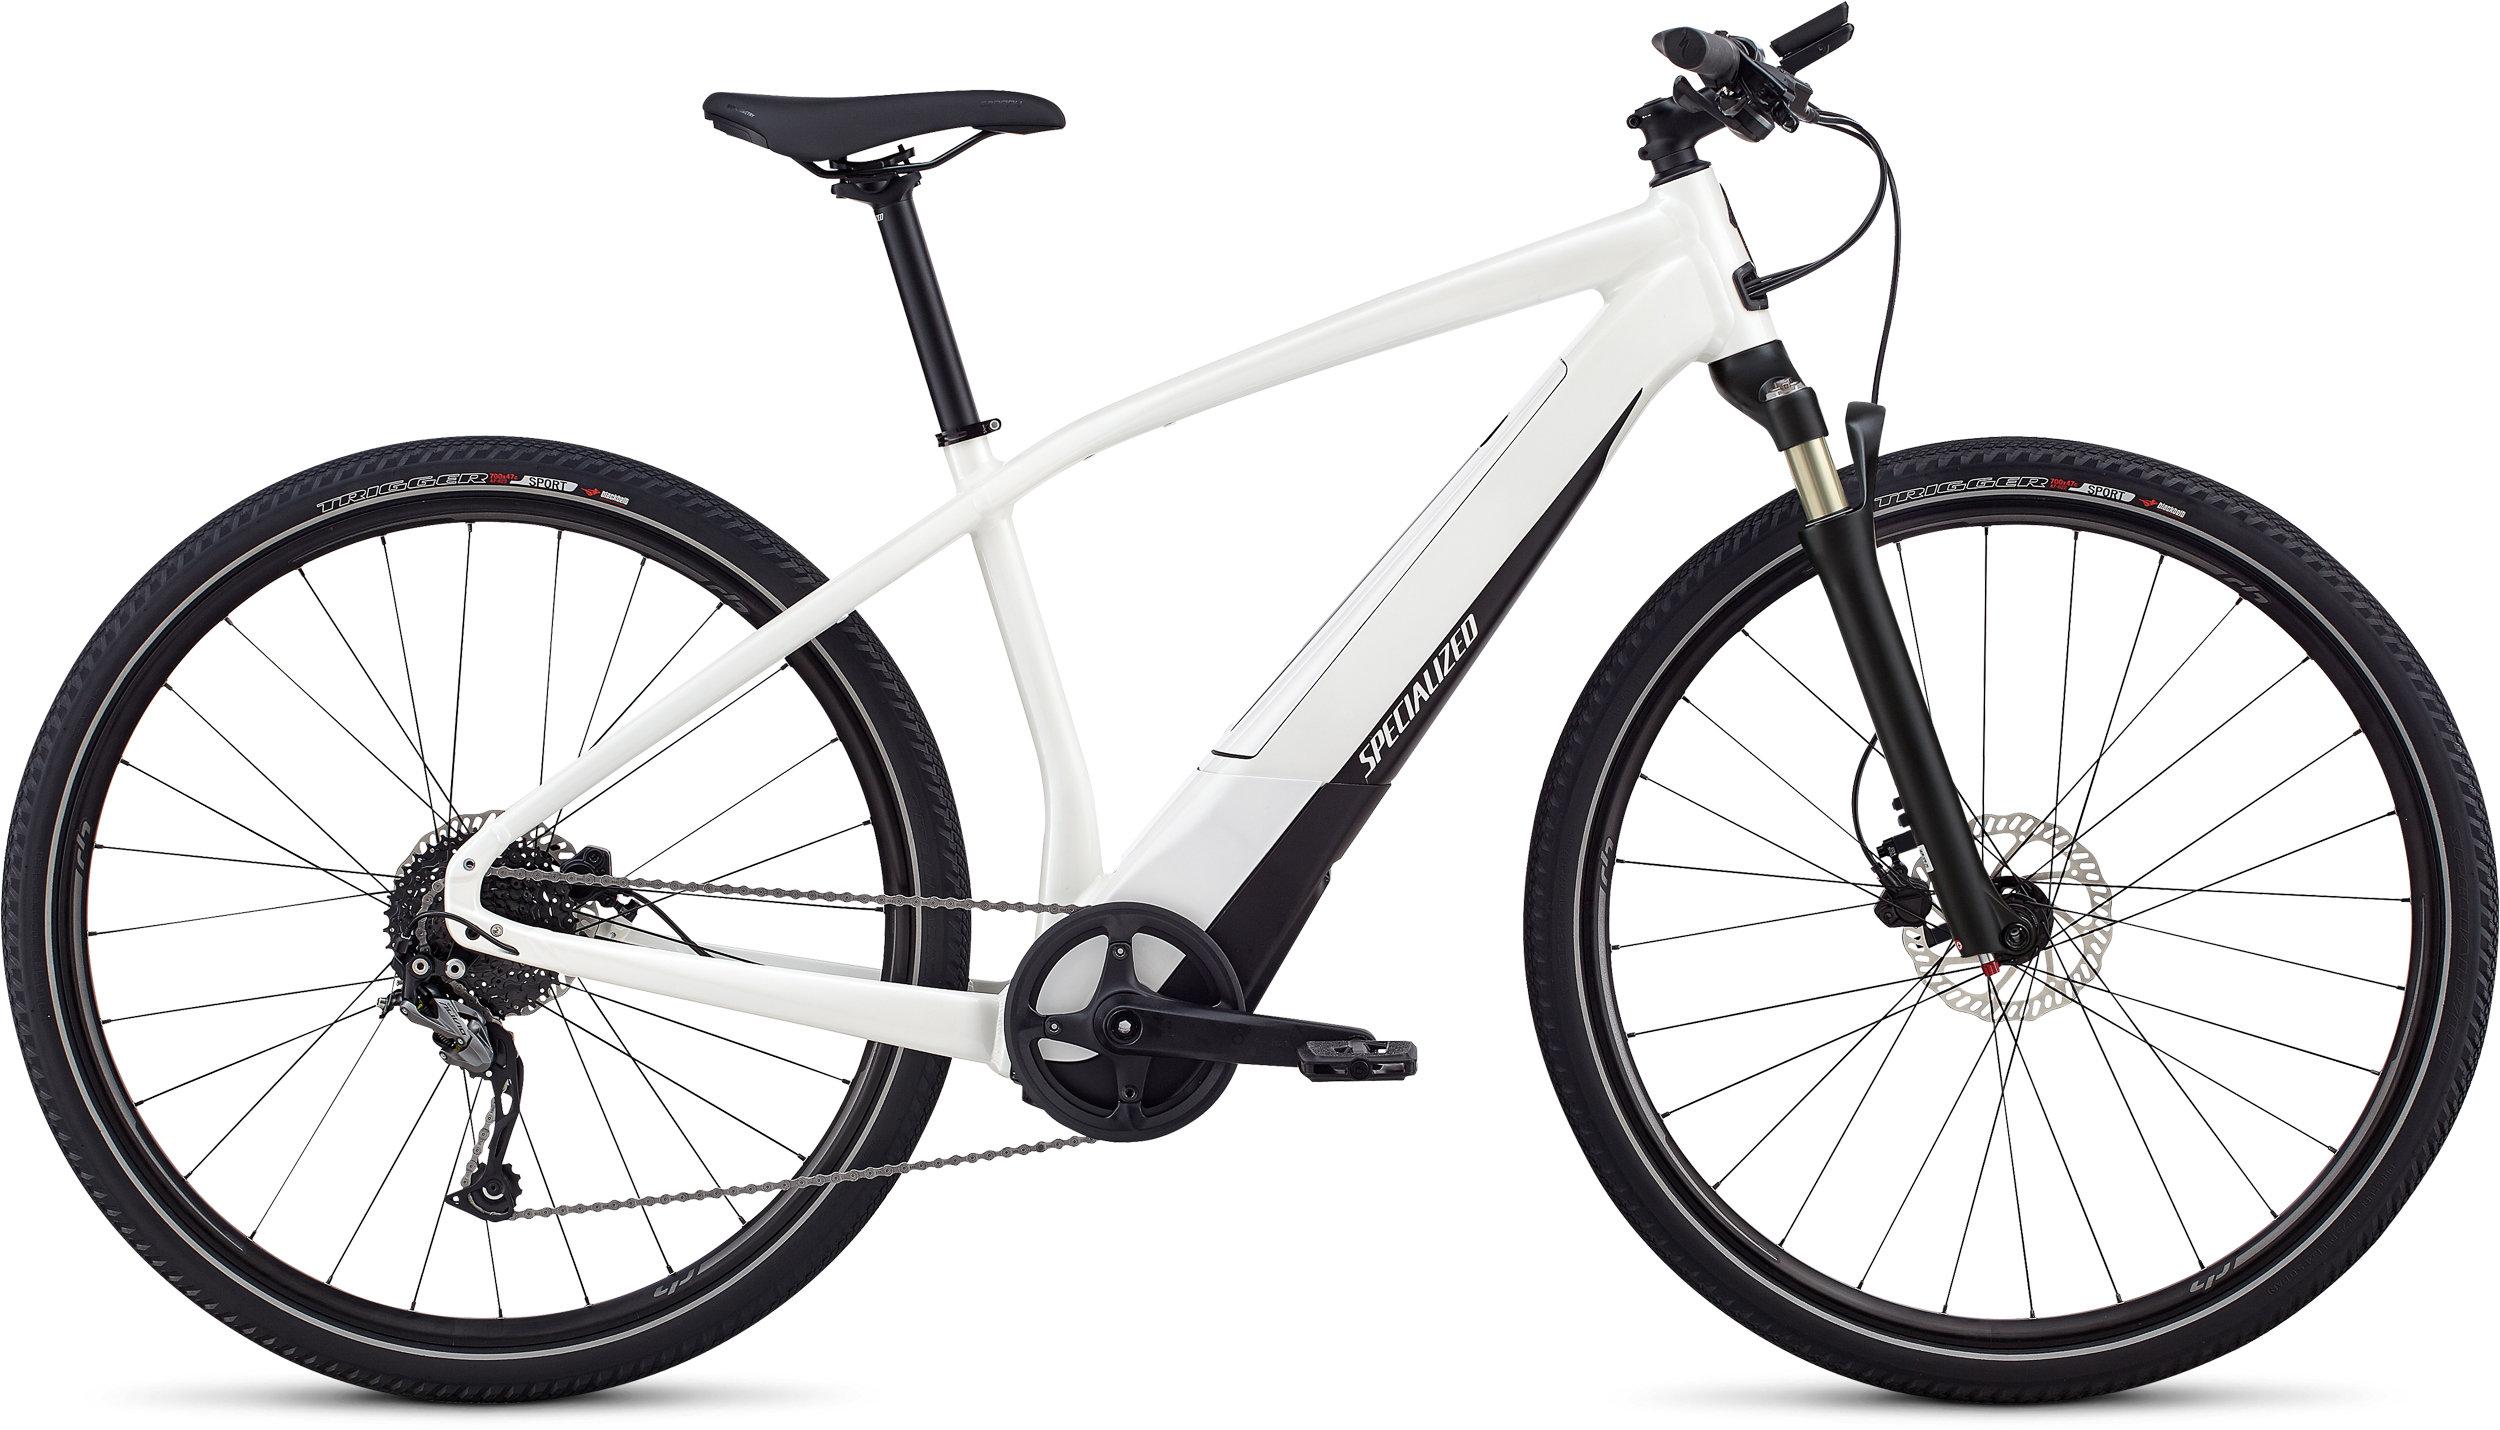 Specialized Men´s Turbo Vado 2.0 Satin Metallic White Silver / Black LG - Alpha Bikes